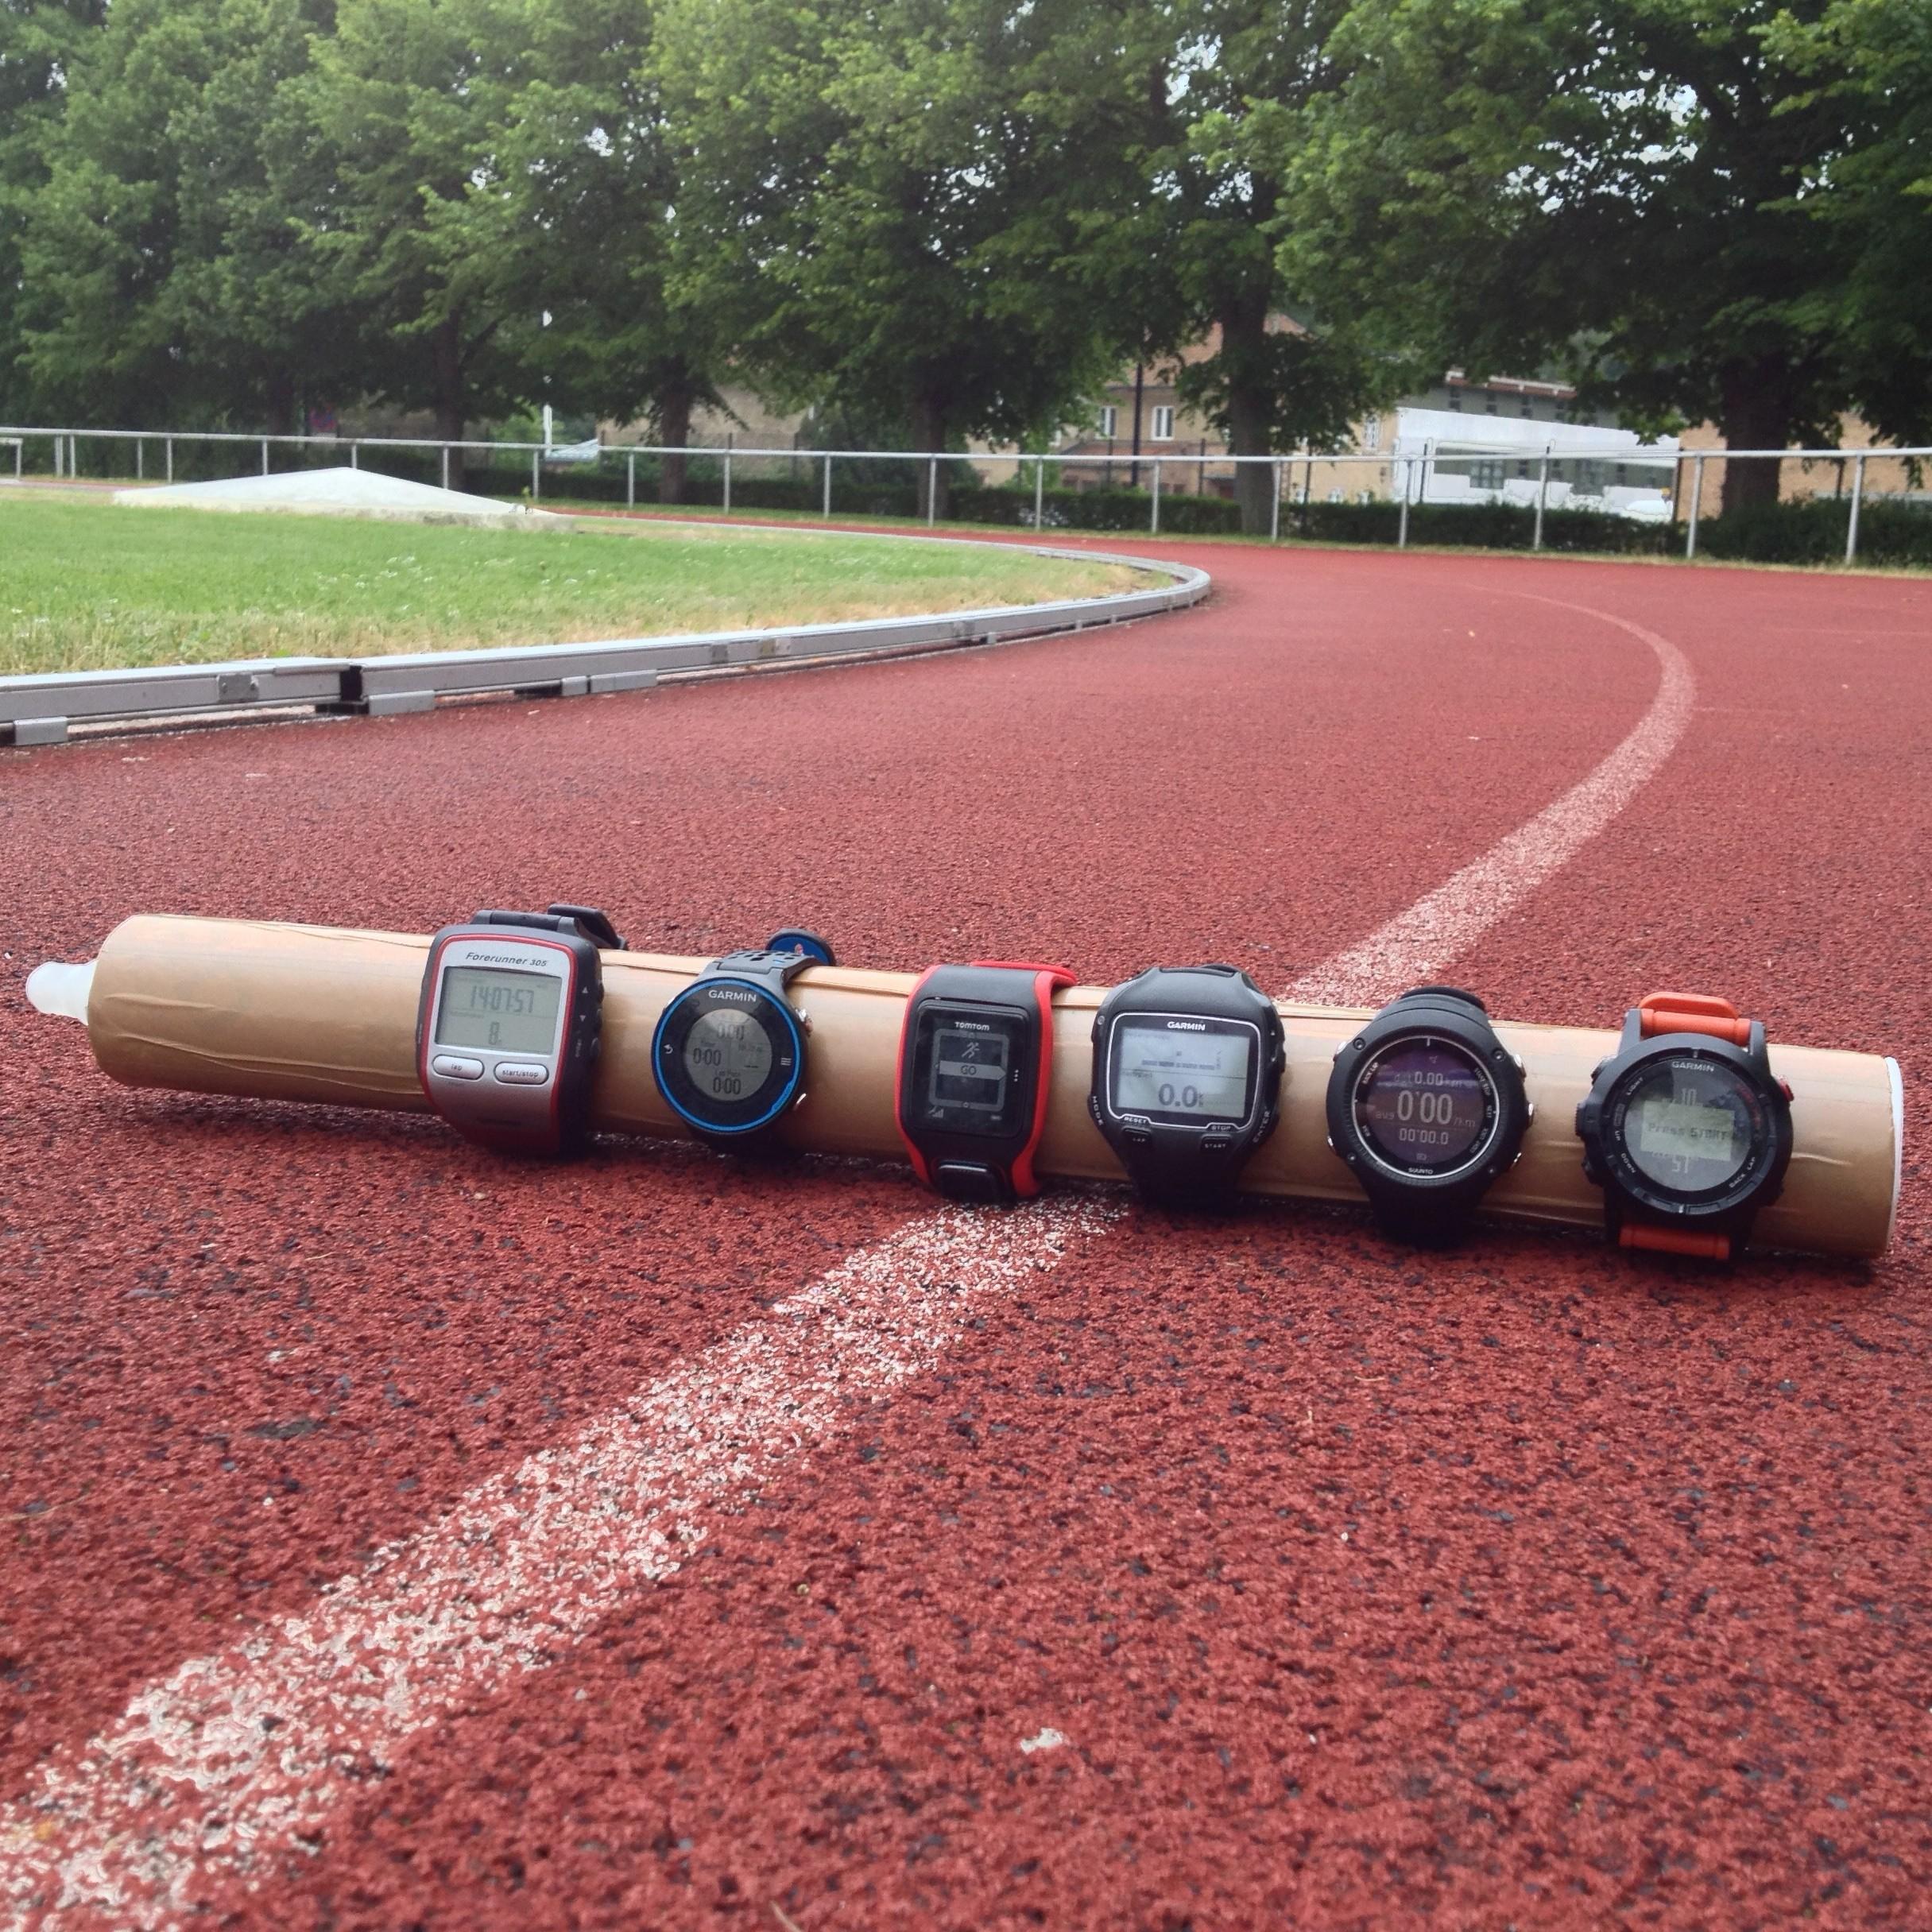 Løb på bane kan grundet de mange kurver og den måde GPS modtageren beregner data på give en vis fejlvisning.